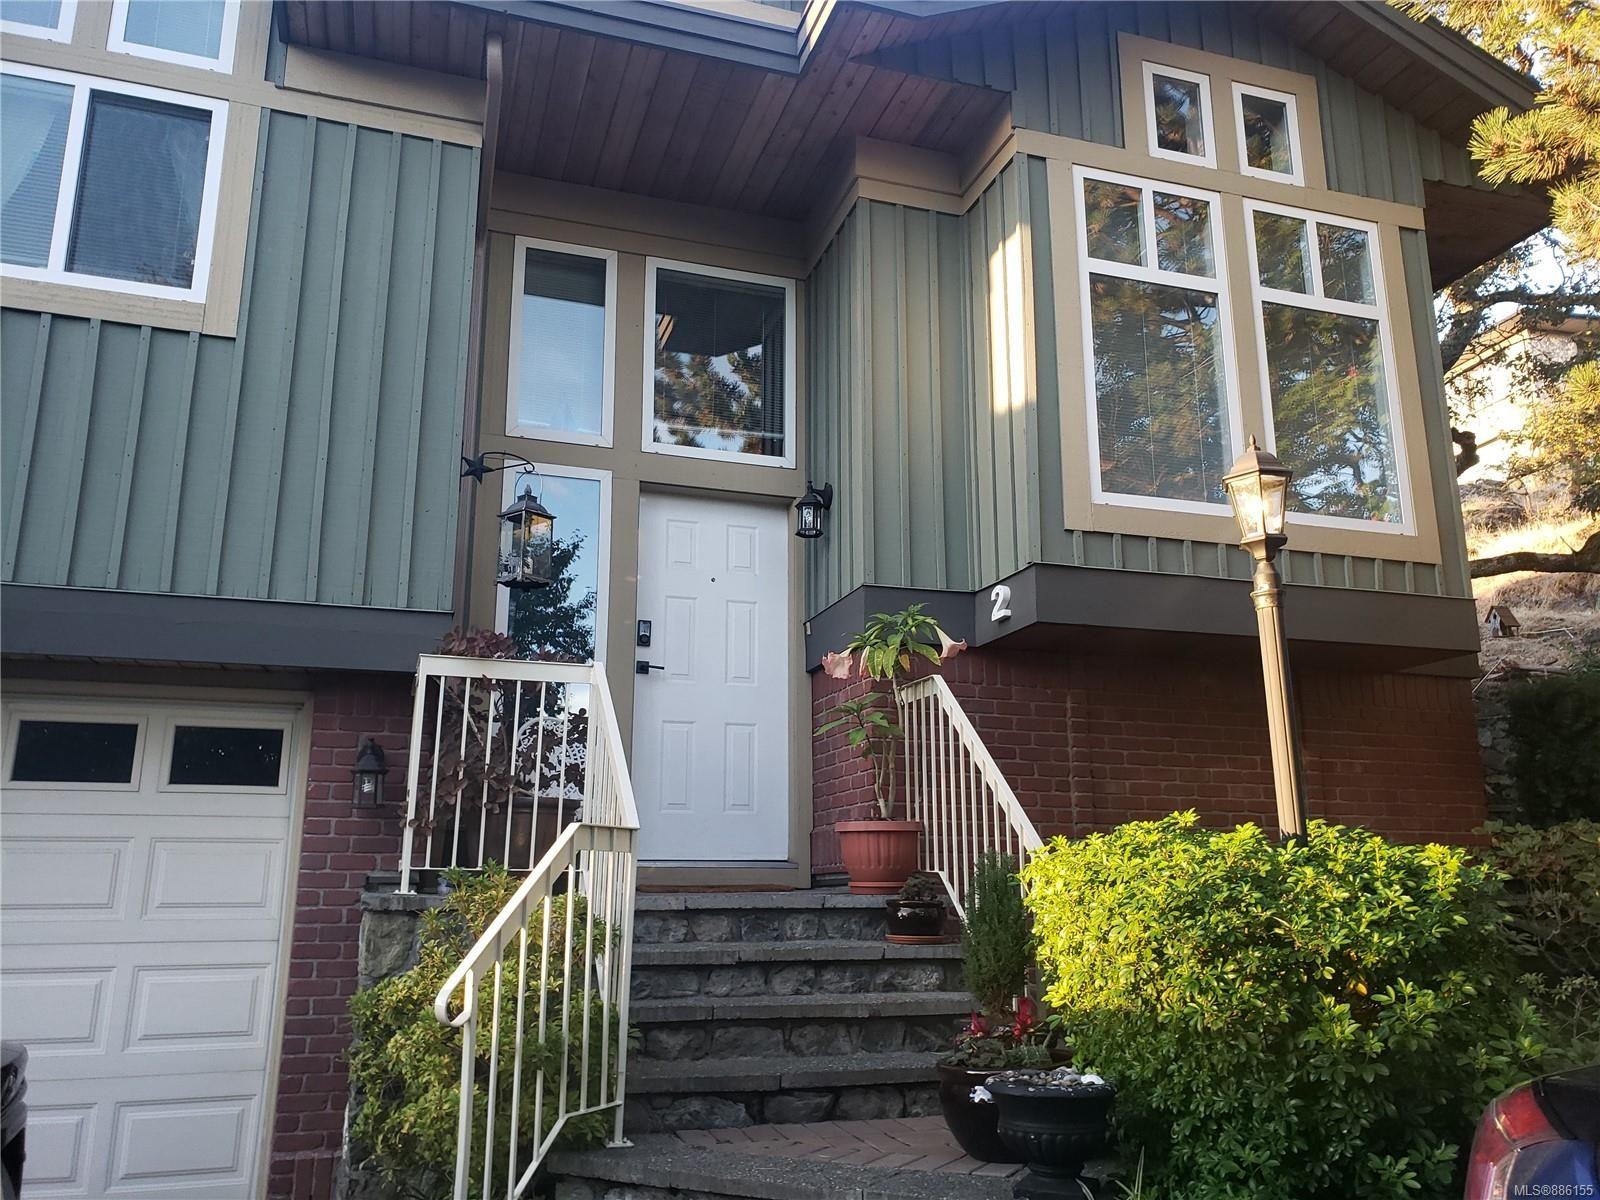 Main Photo: 2 3955 Oakwinds St in : SE Cedar Hill Row/Townhouse for sale (Saanich East)  : MLS®# 886155